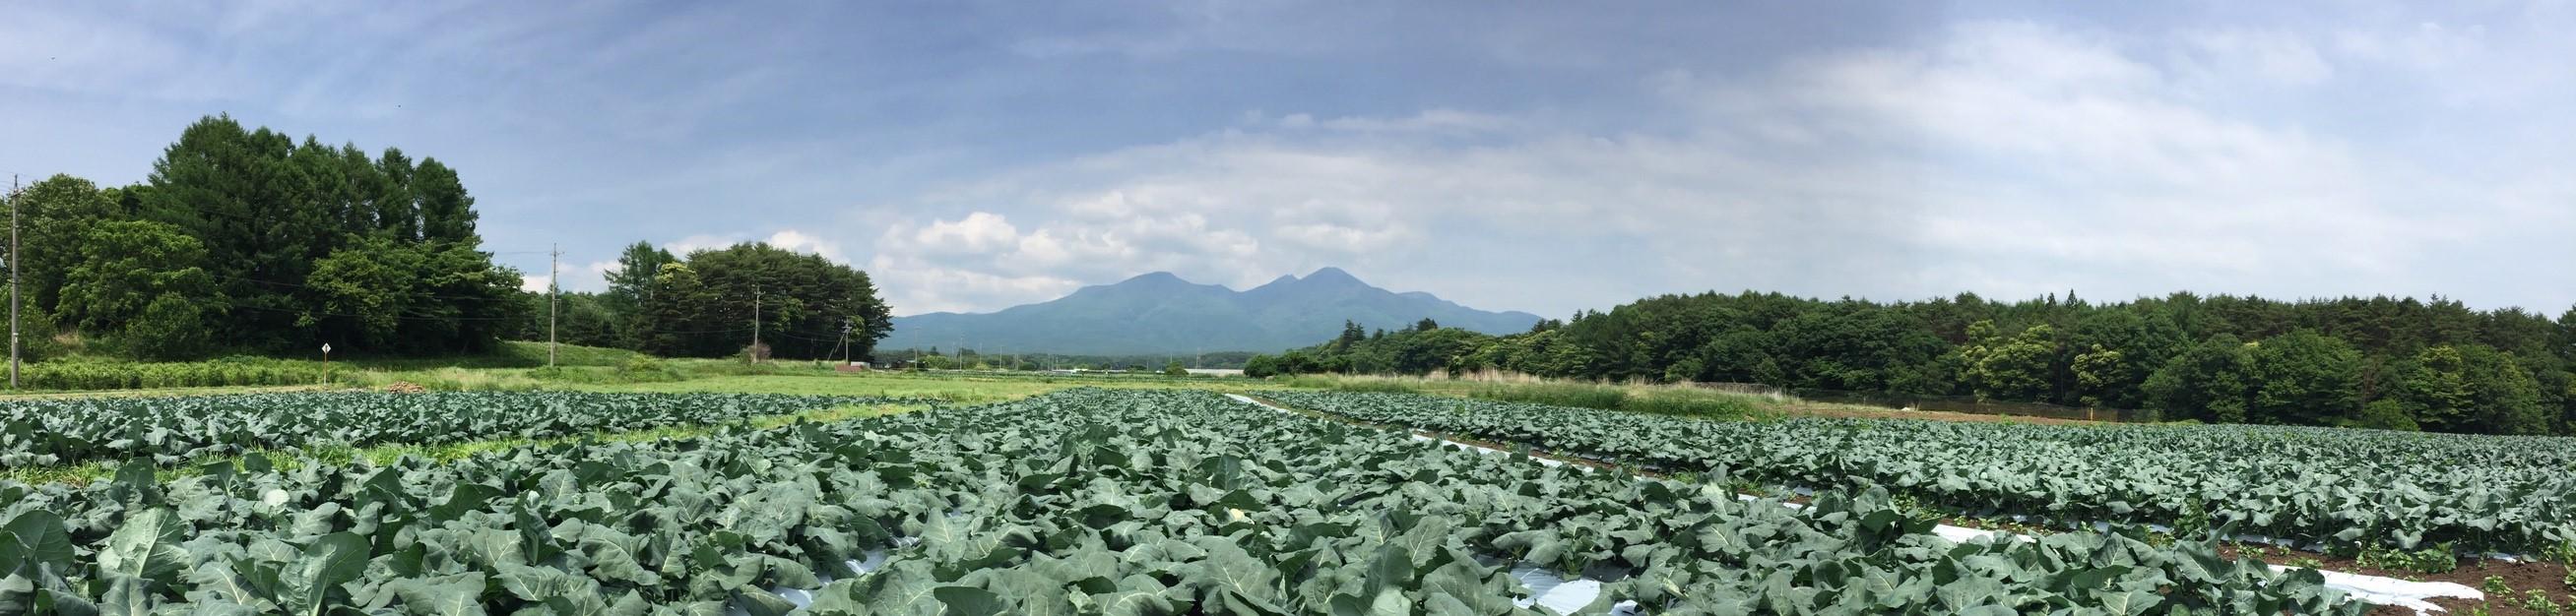 野菜_170629_0020